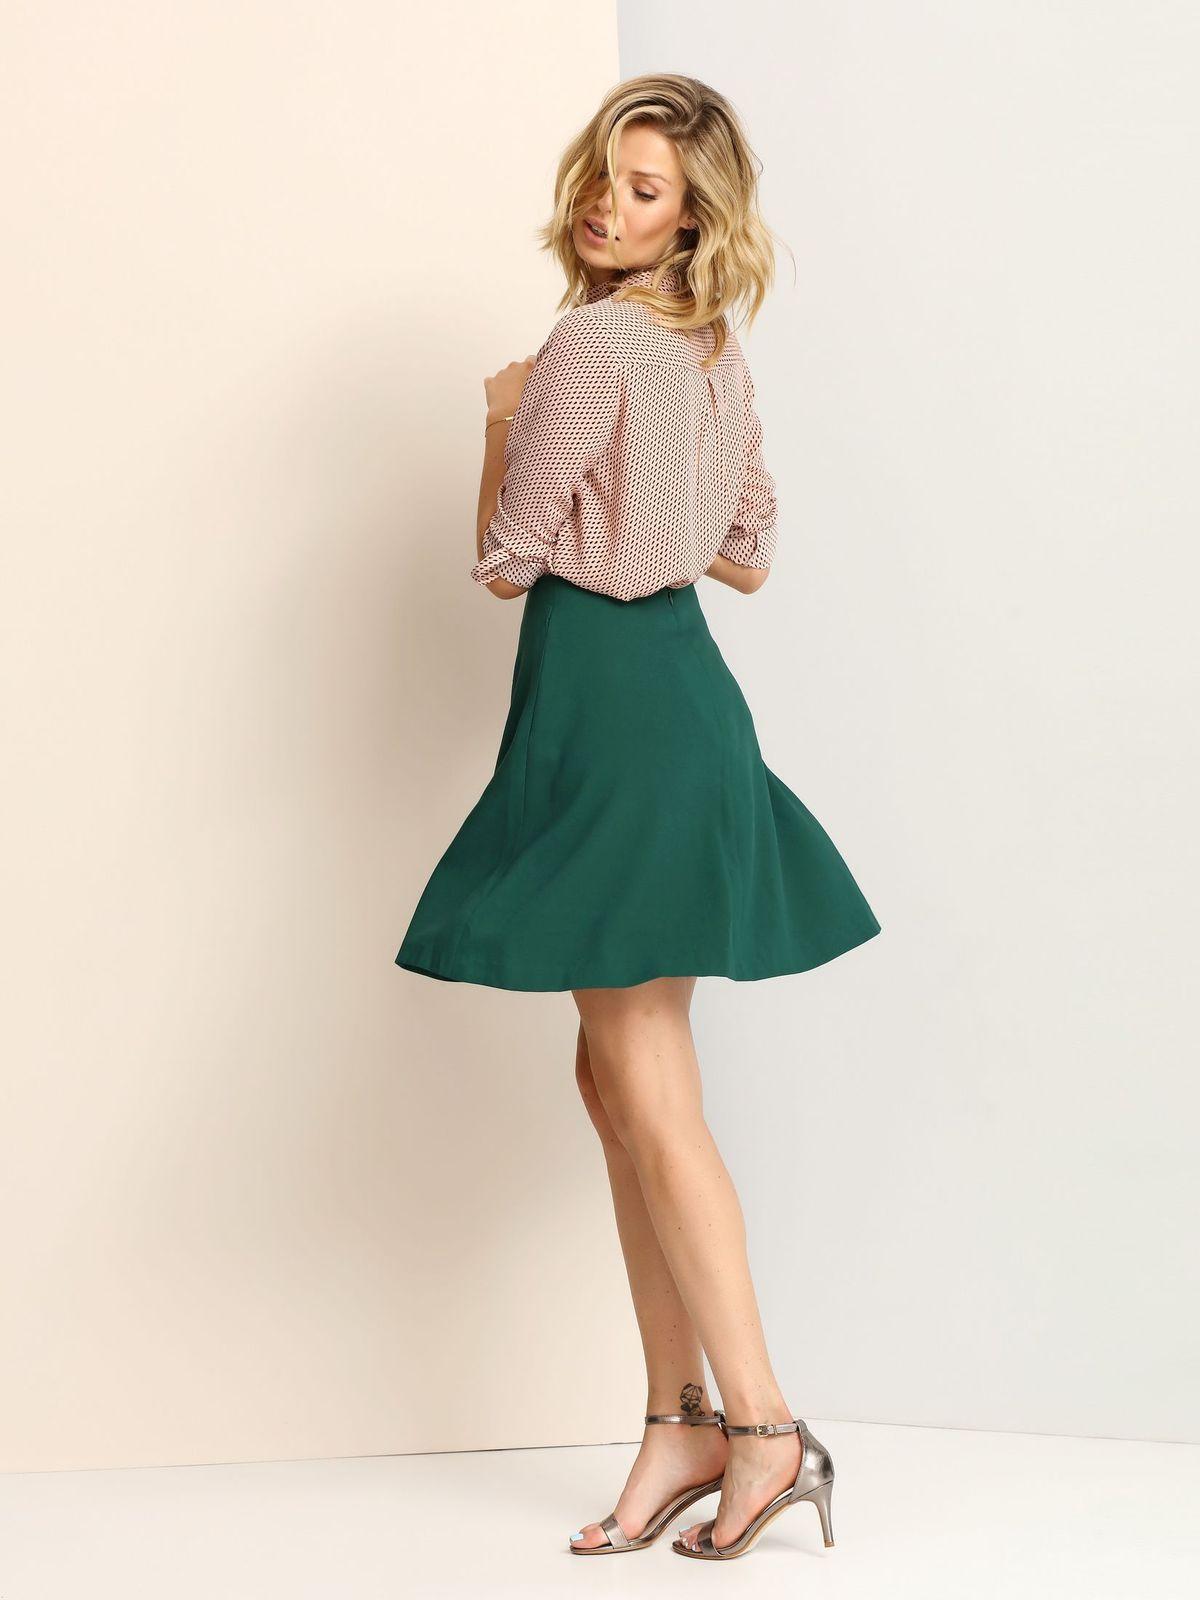 Γυναικεία   Ρούχα   Φούστες   Καθημερινές   TOP SECRET κομψη κλος ... 249edcec7eb